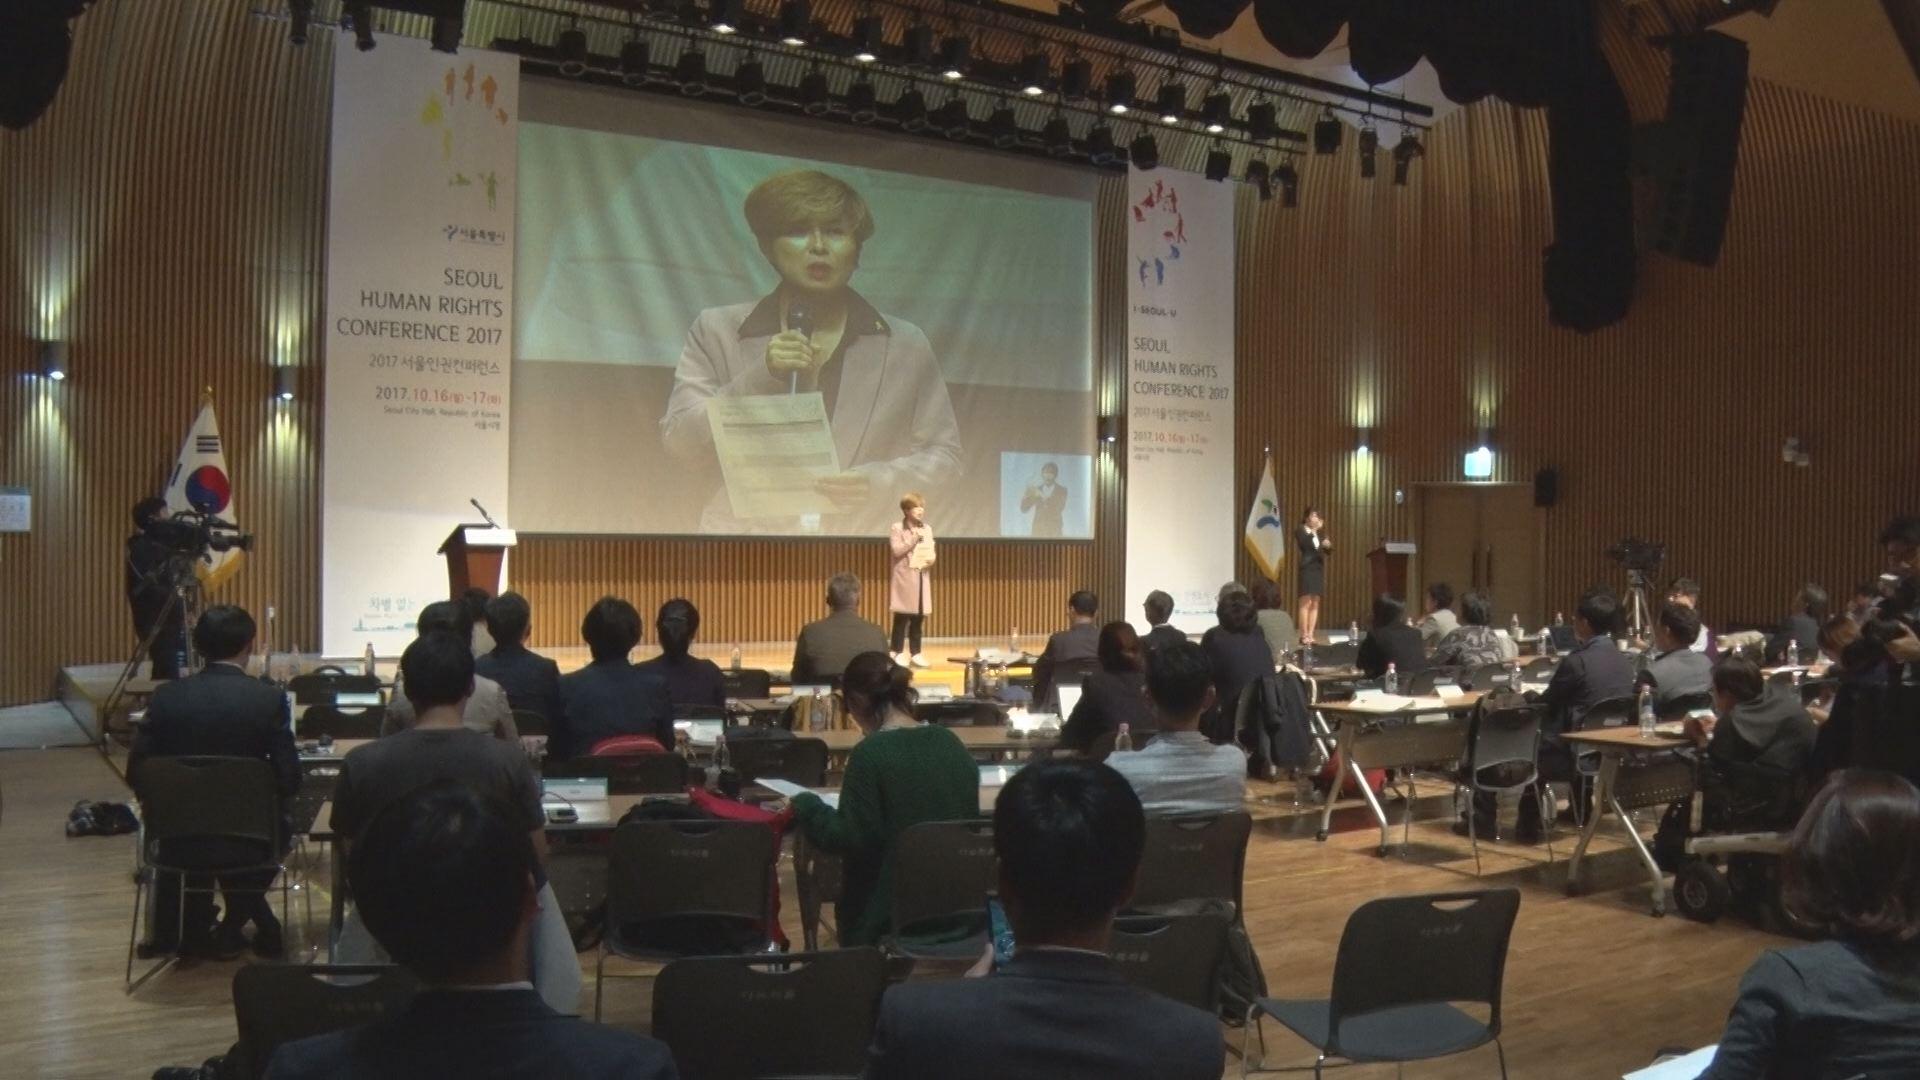 차별 없는 인권도시 위한 '서울 인권 콘퍼런스'